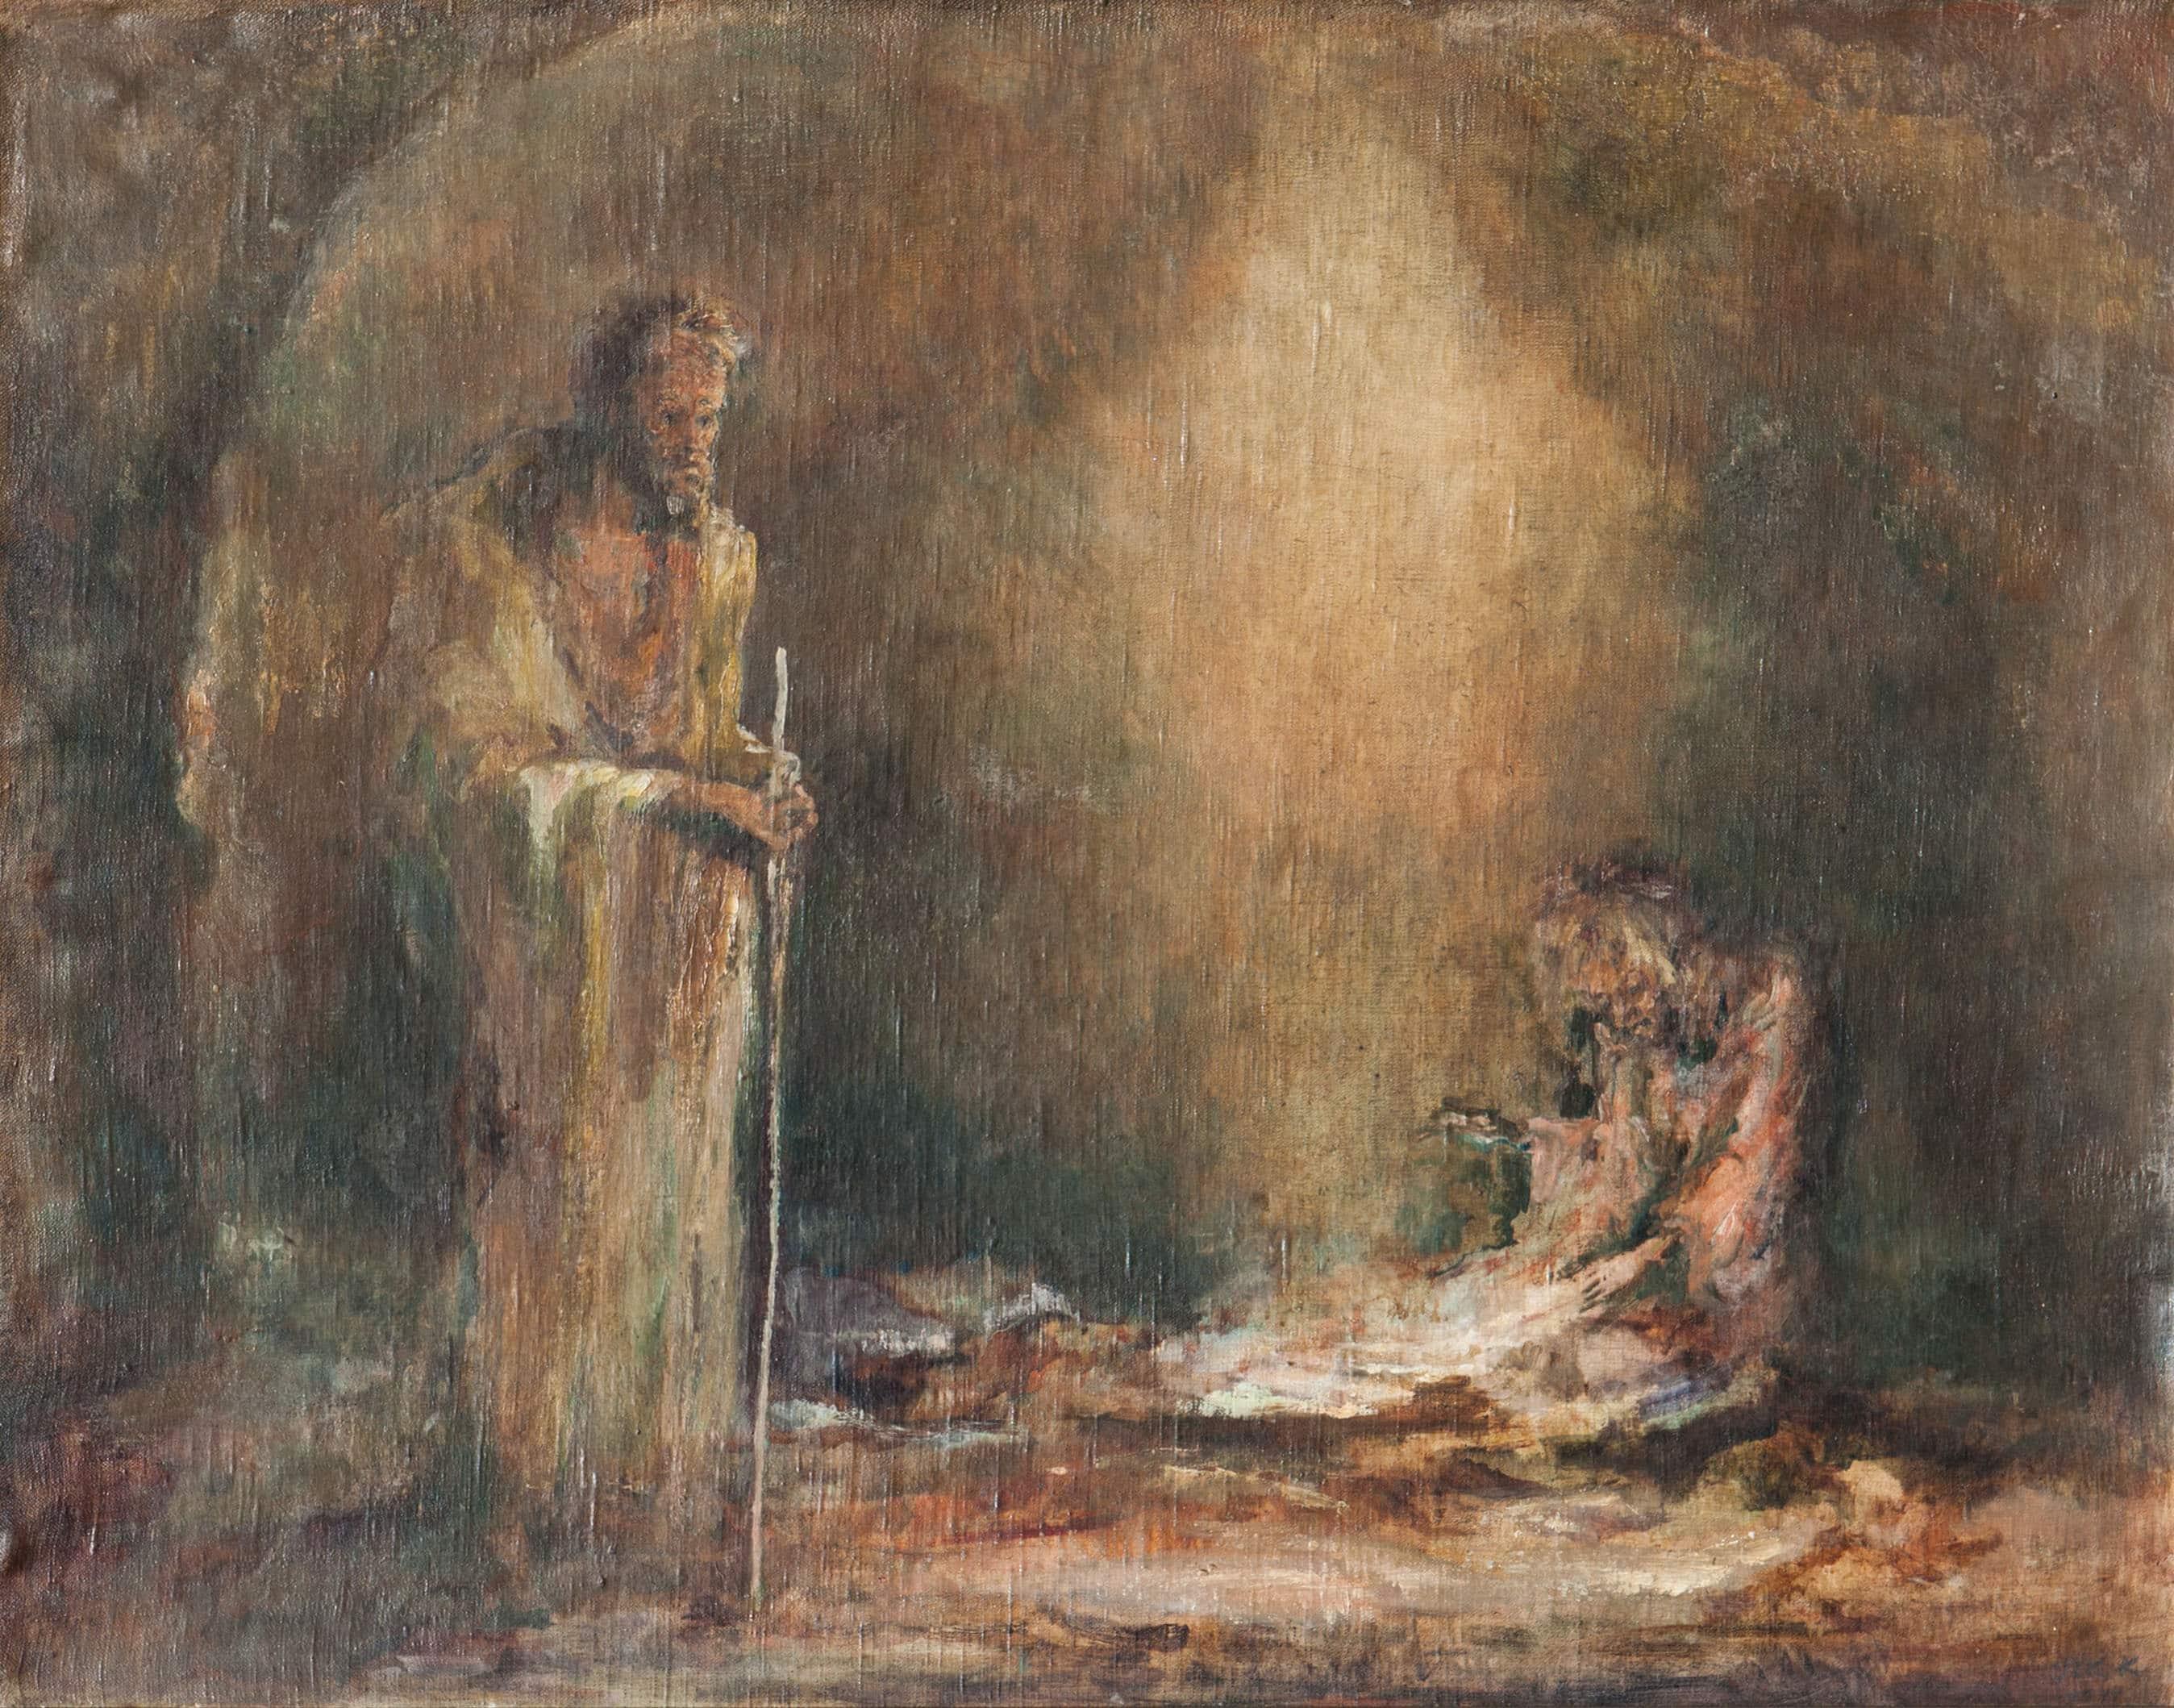 """אהרון אבני, """"שאול בעין דור"""", 1944, שמן על בד, 91x72 ס""""מ"""